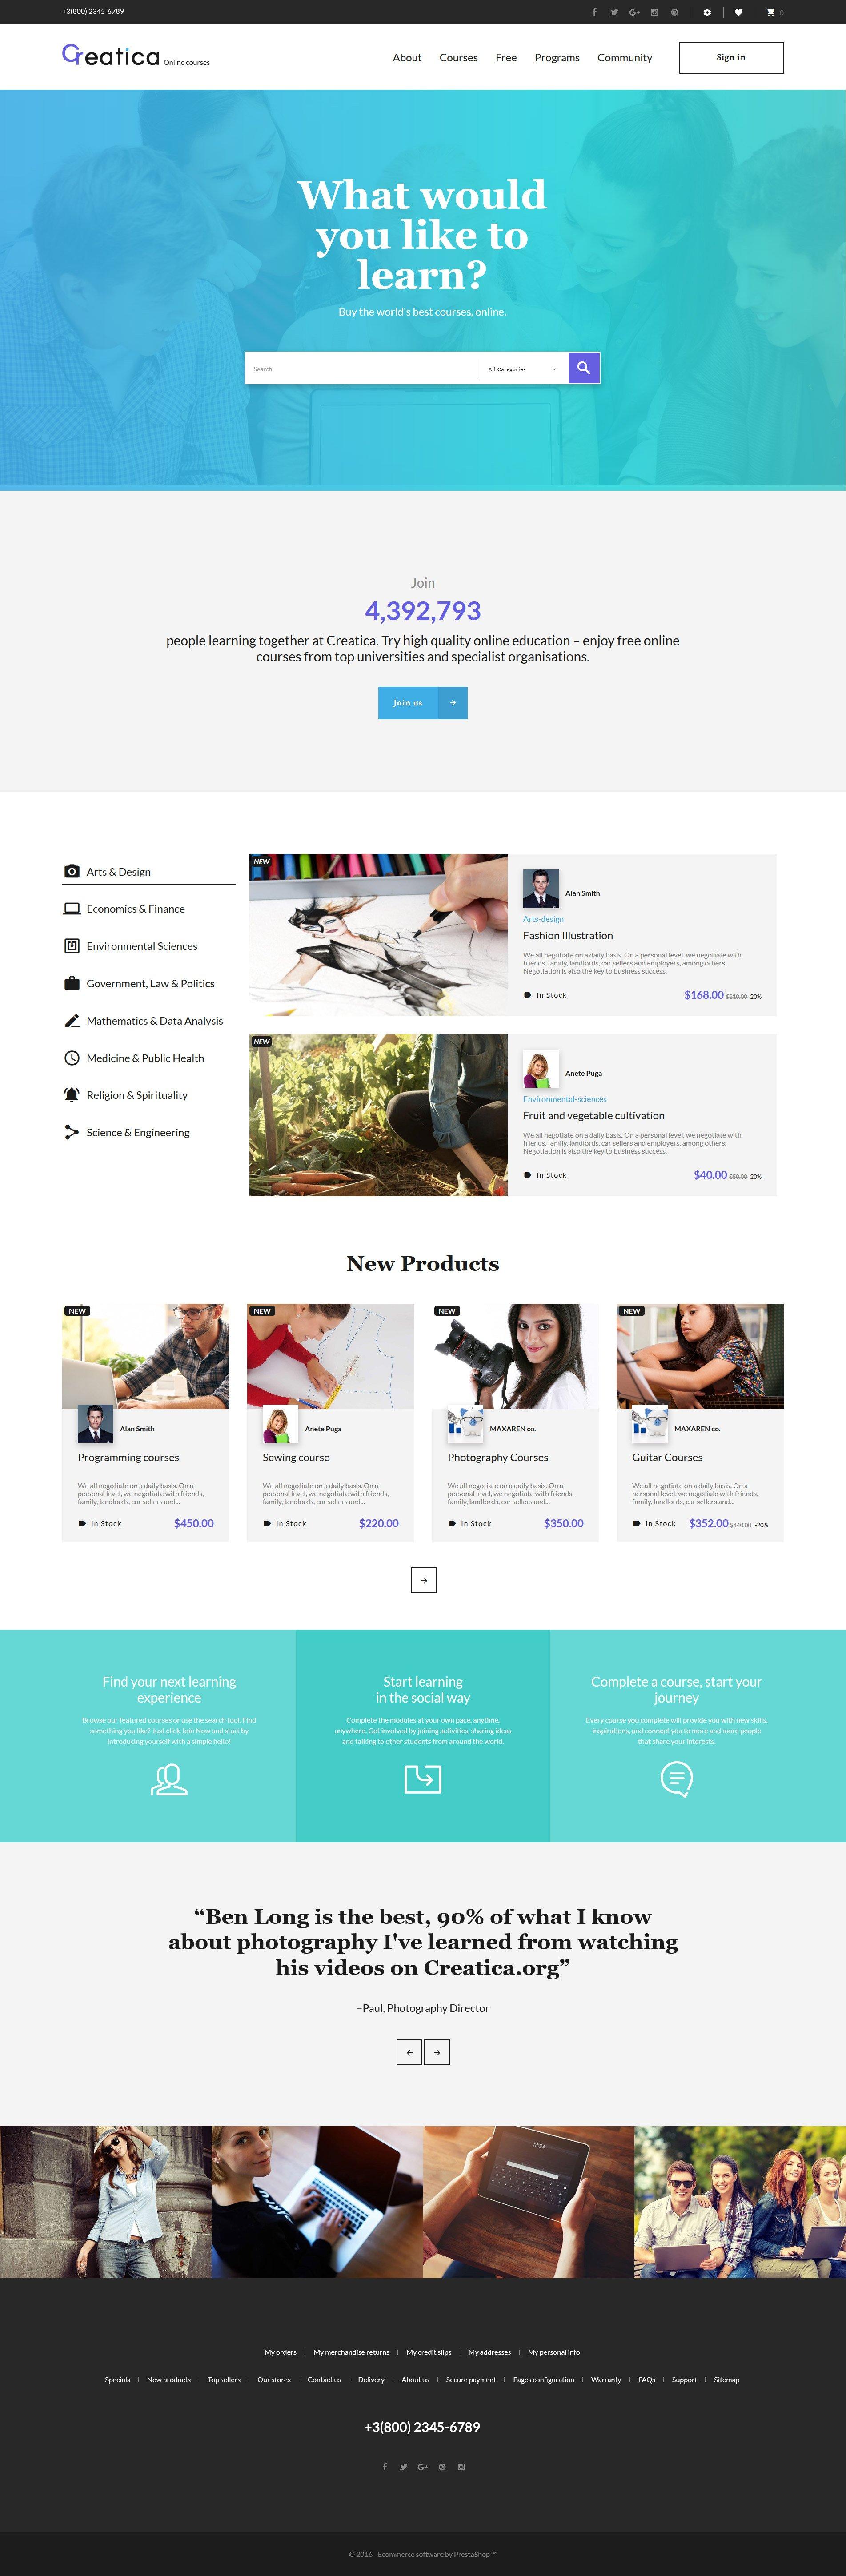 Responsivt Creatica - Online Courses PrestaShop-tema #61407 - skärmbild